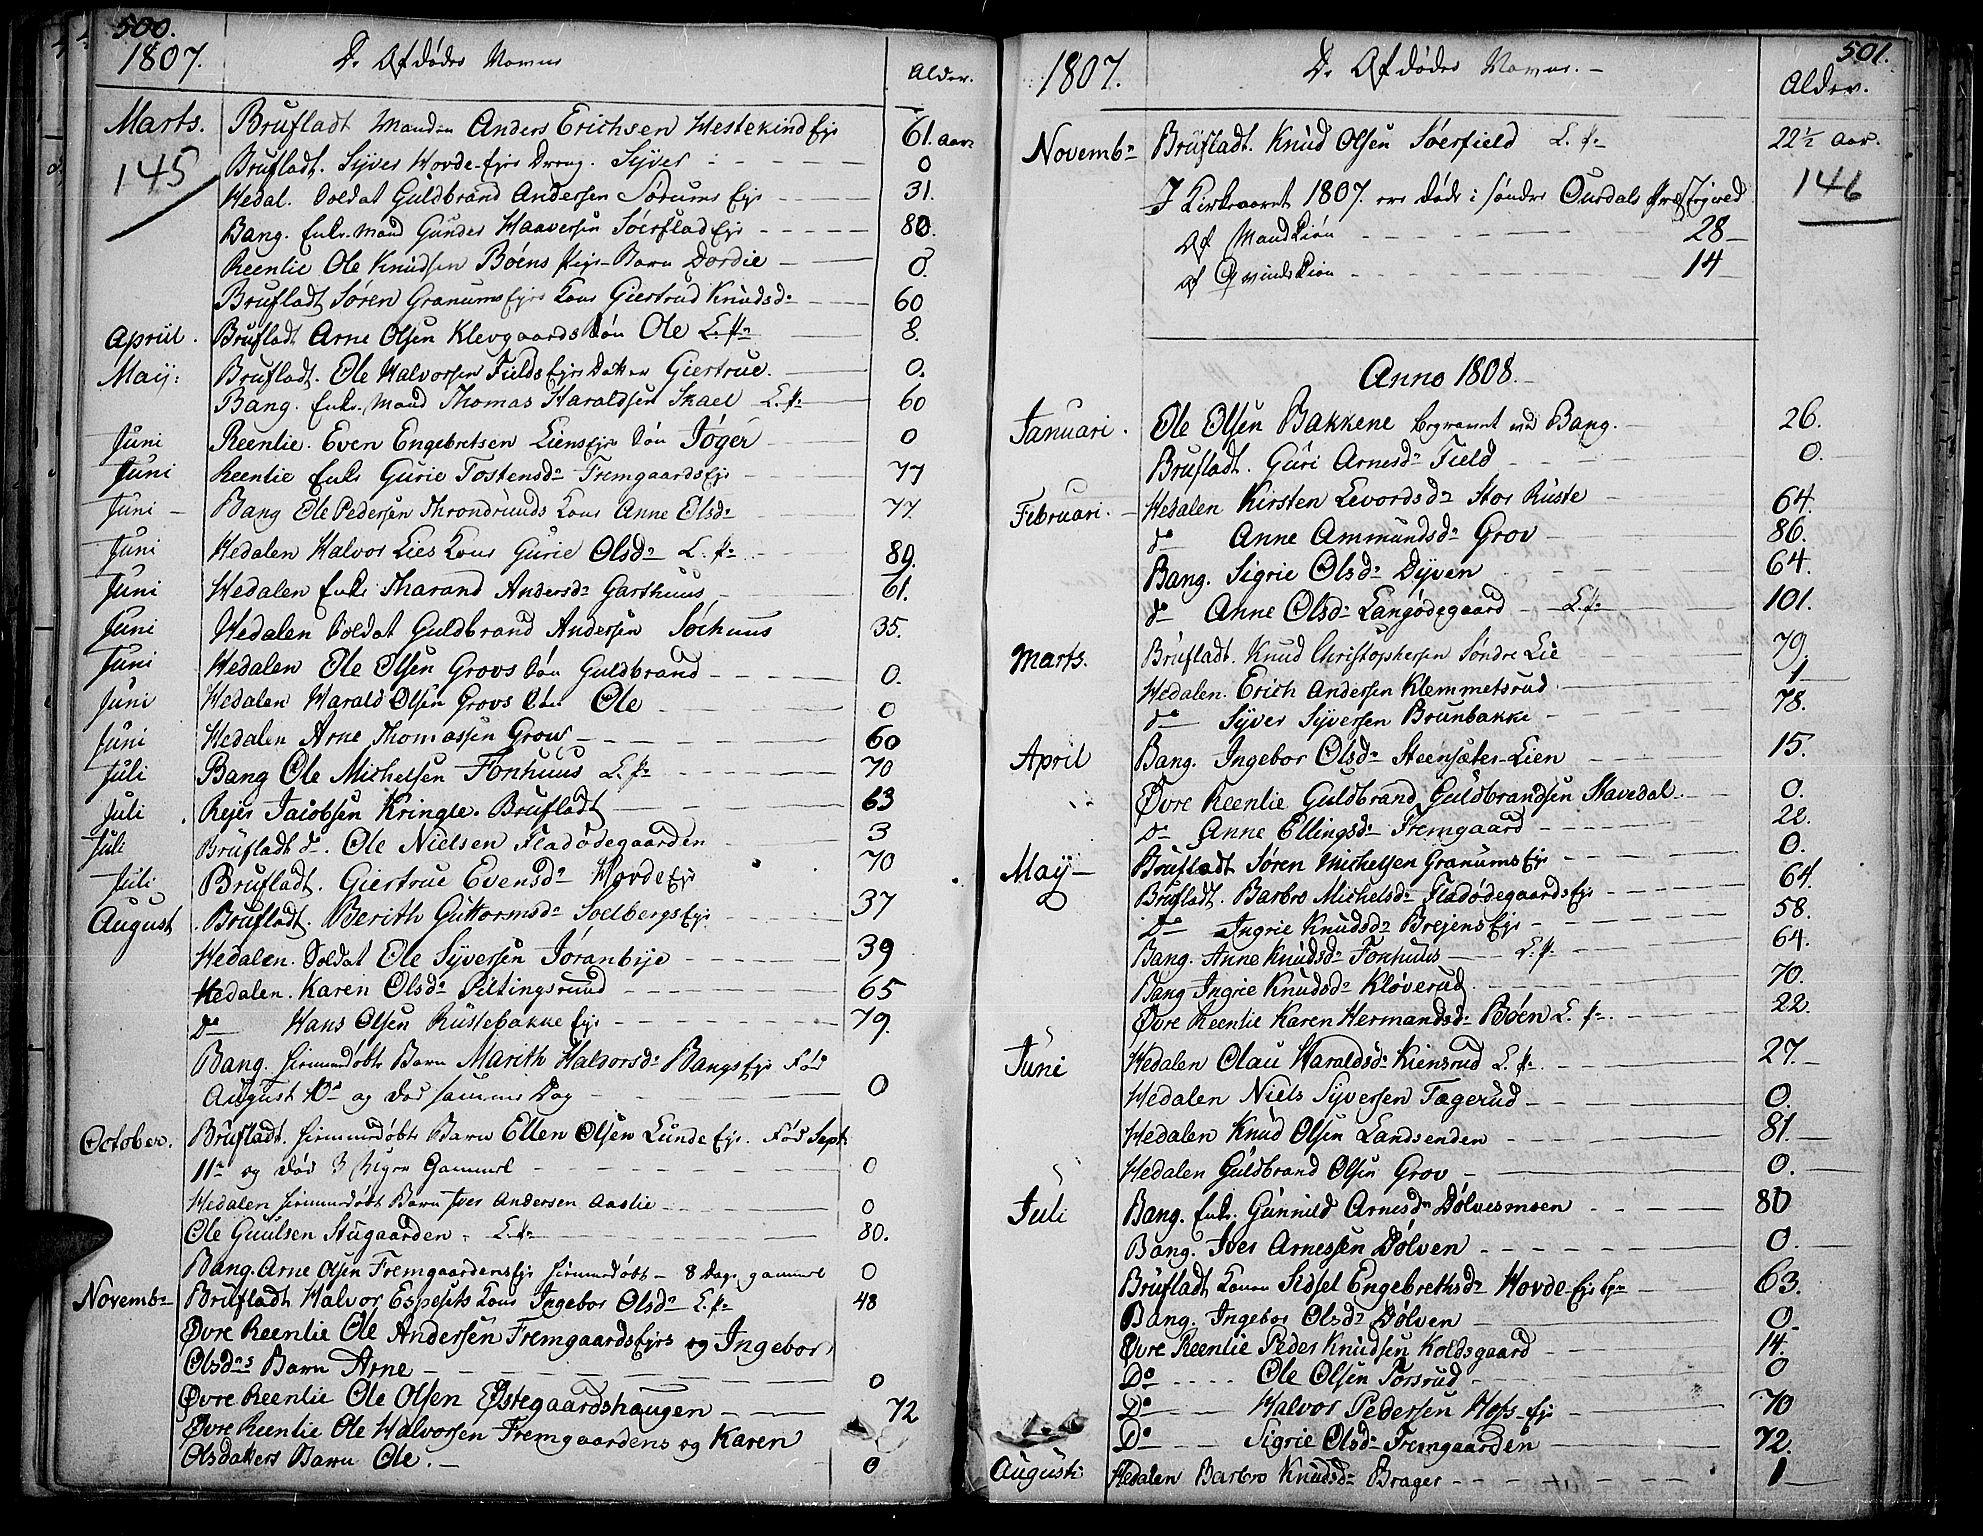 SAH, Sør-Aurdal prestekontor, Ministerialbok nr. 1, 1807-1815, s. 145-146